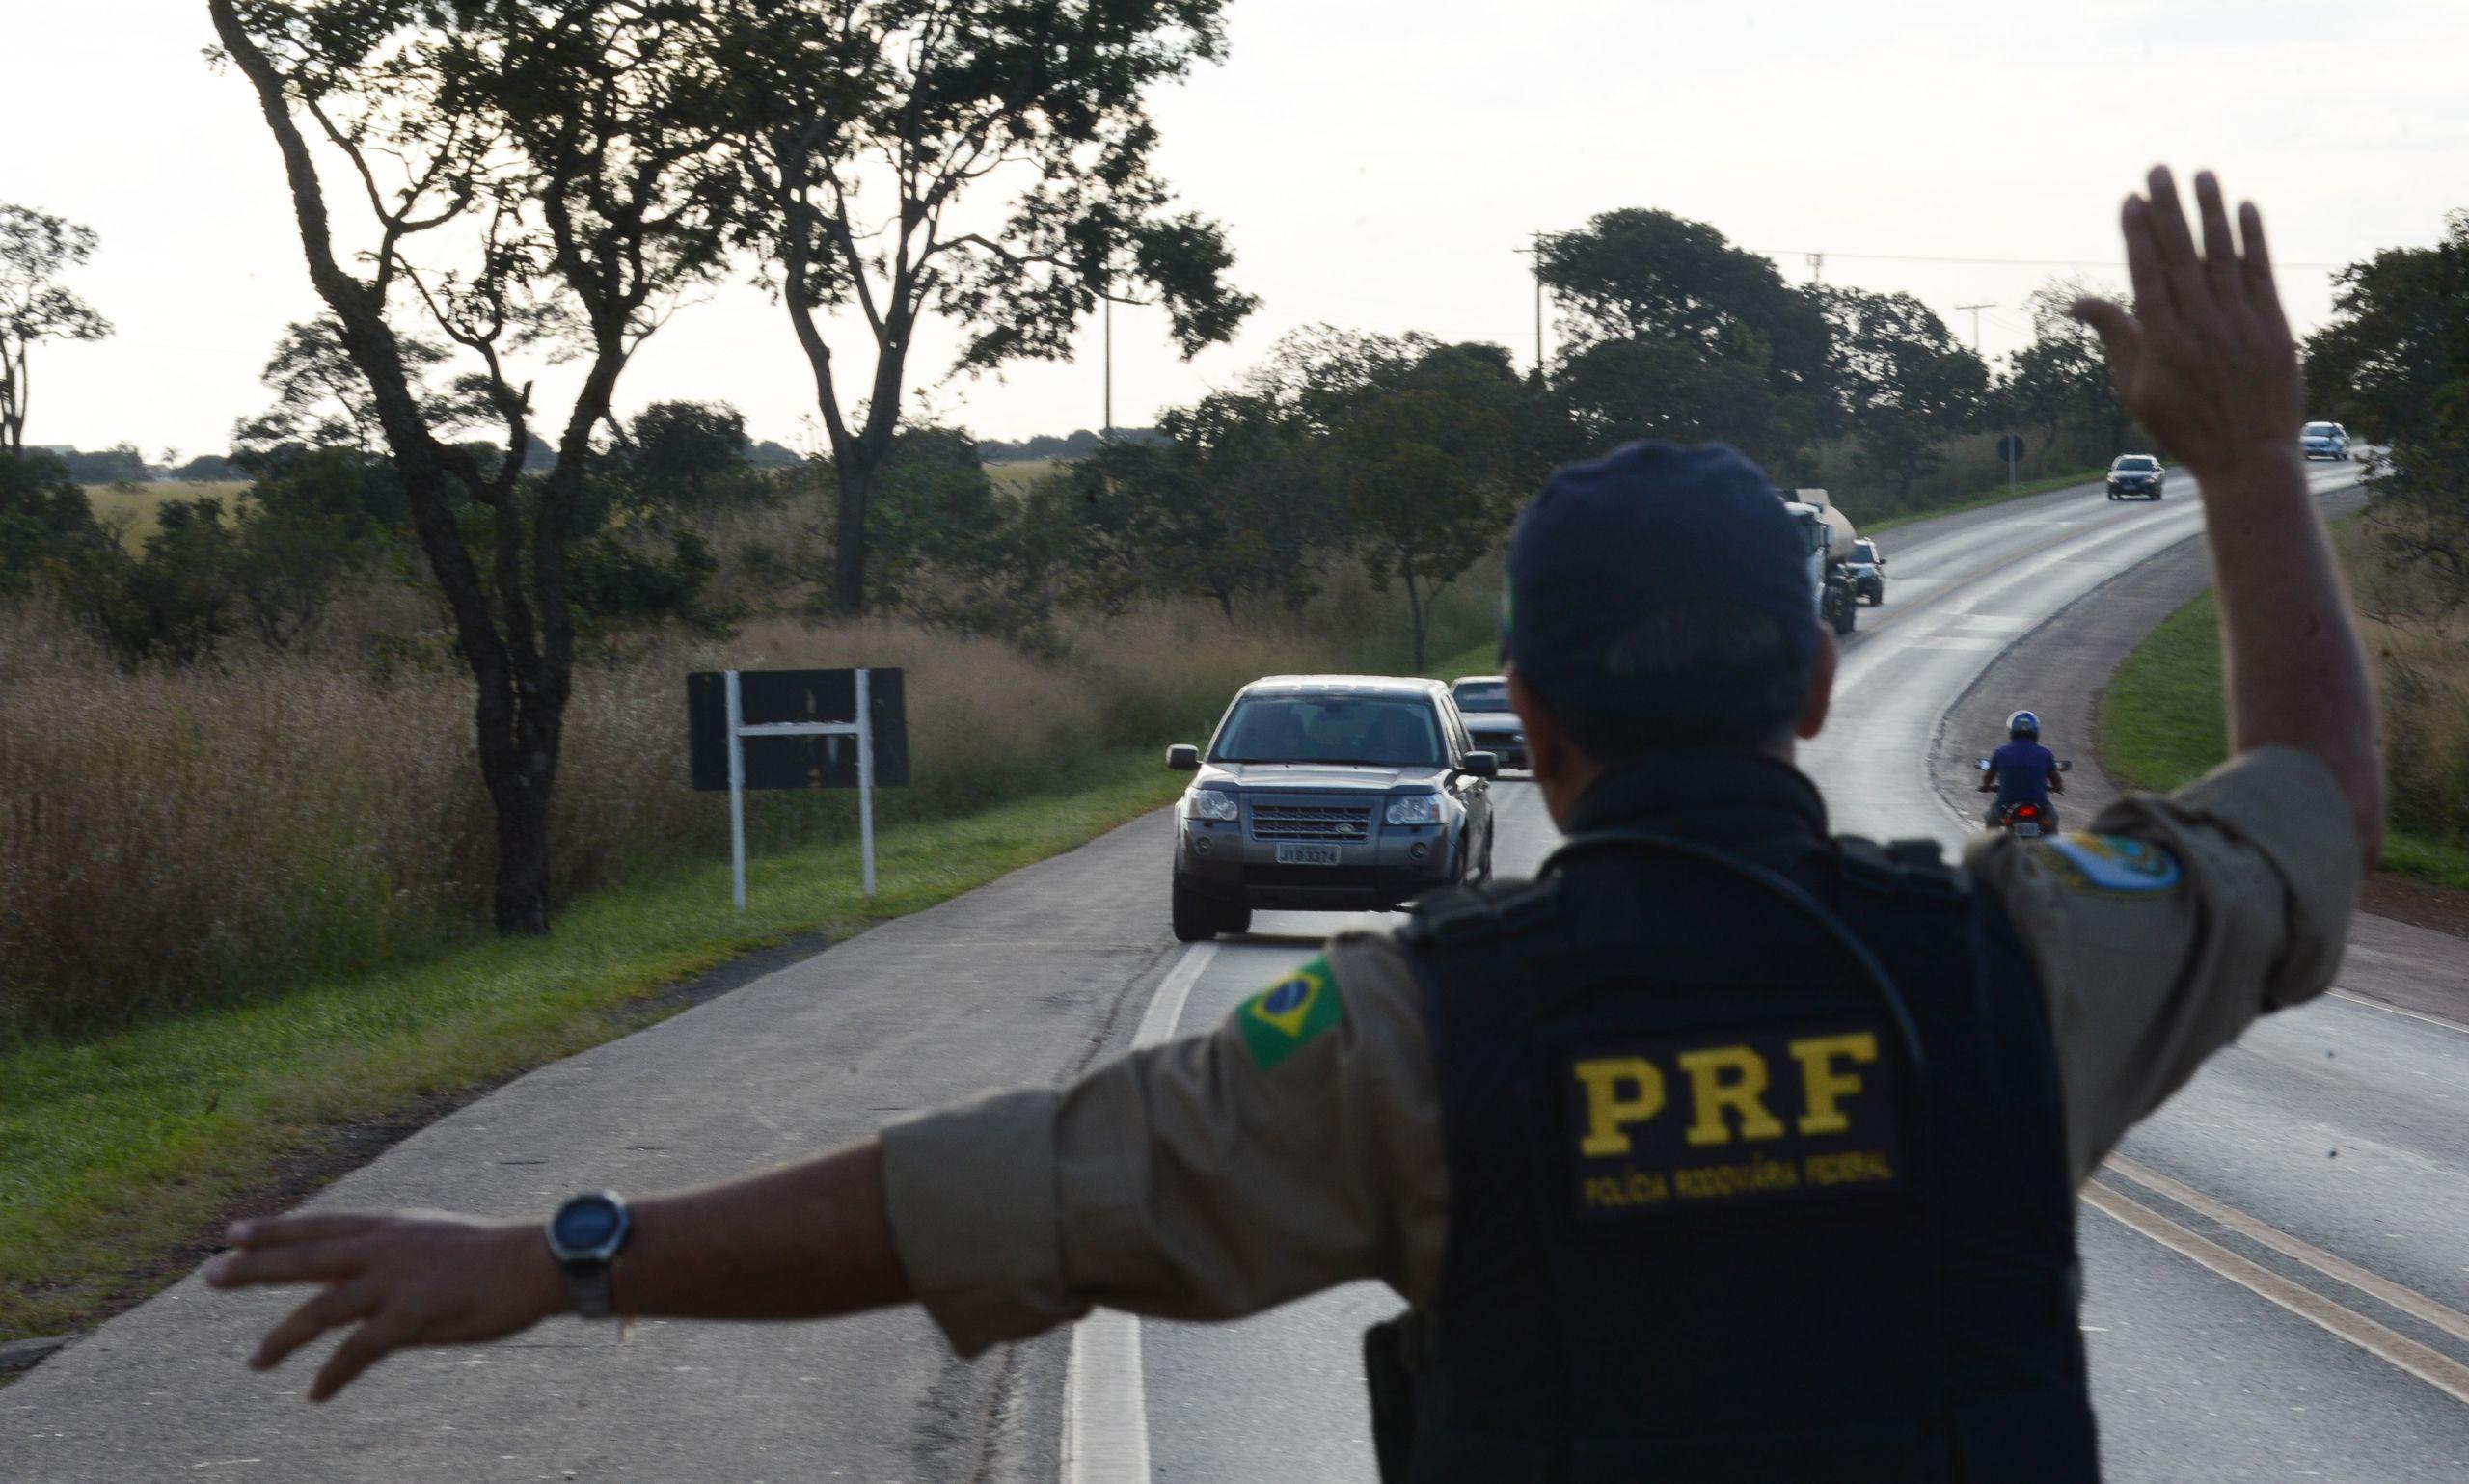 O excesso de velocidade foi o principal motivo para multas durante a Operação Rodovida